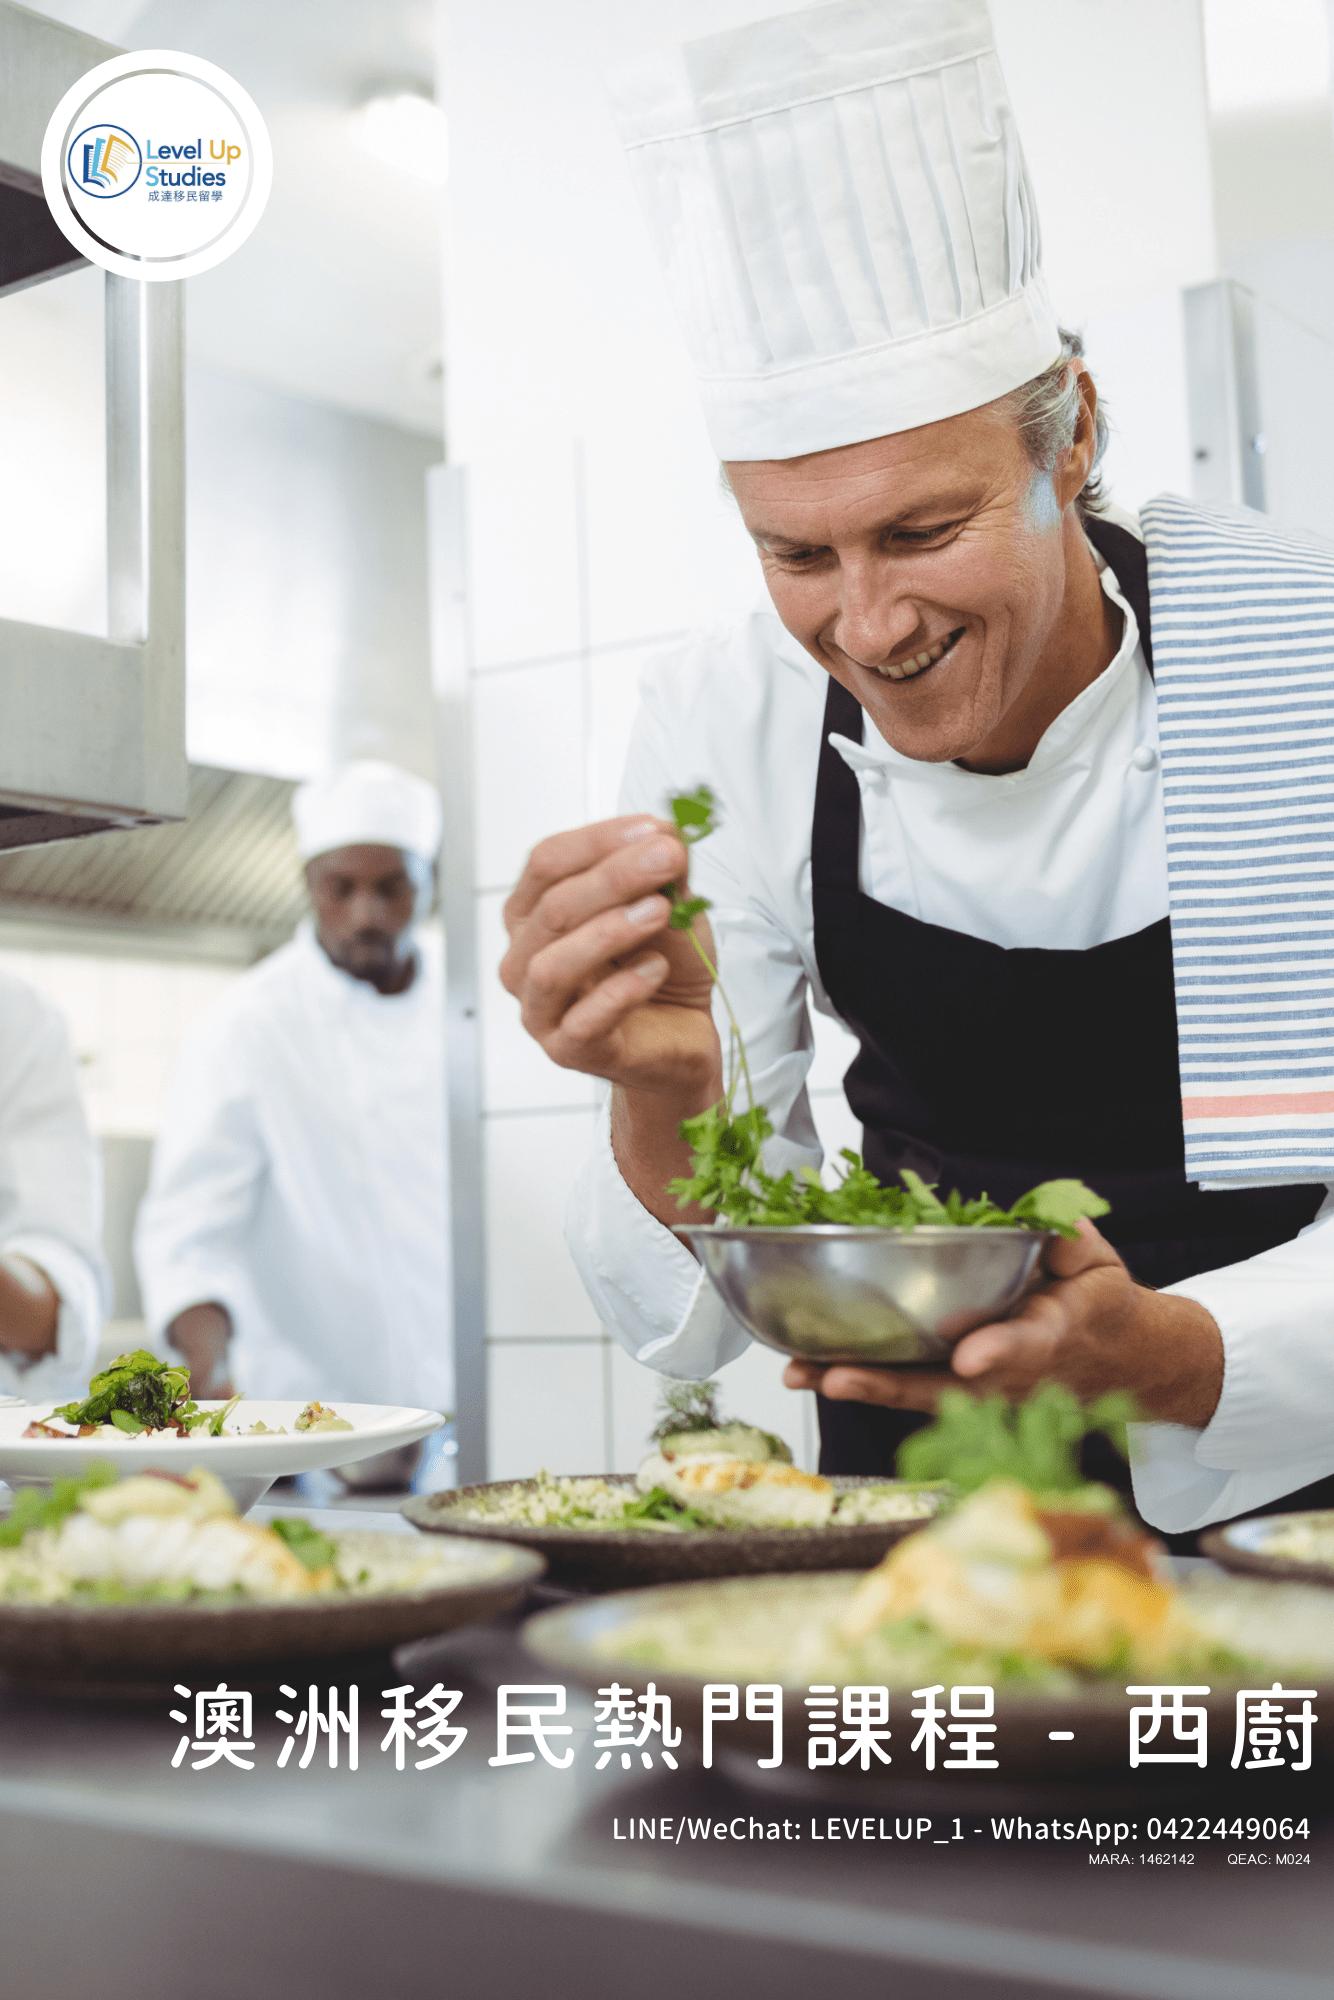 西廚薪水-澳洲工作-澳洲薪資-澳洲移民西廚-西廚打工度假